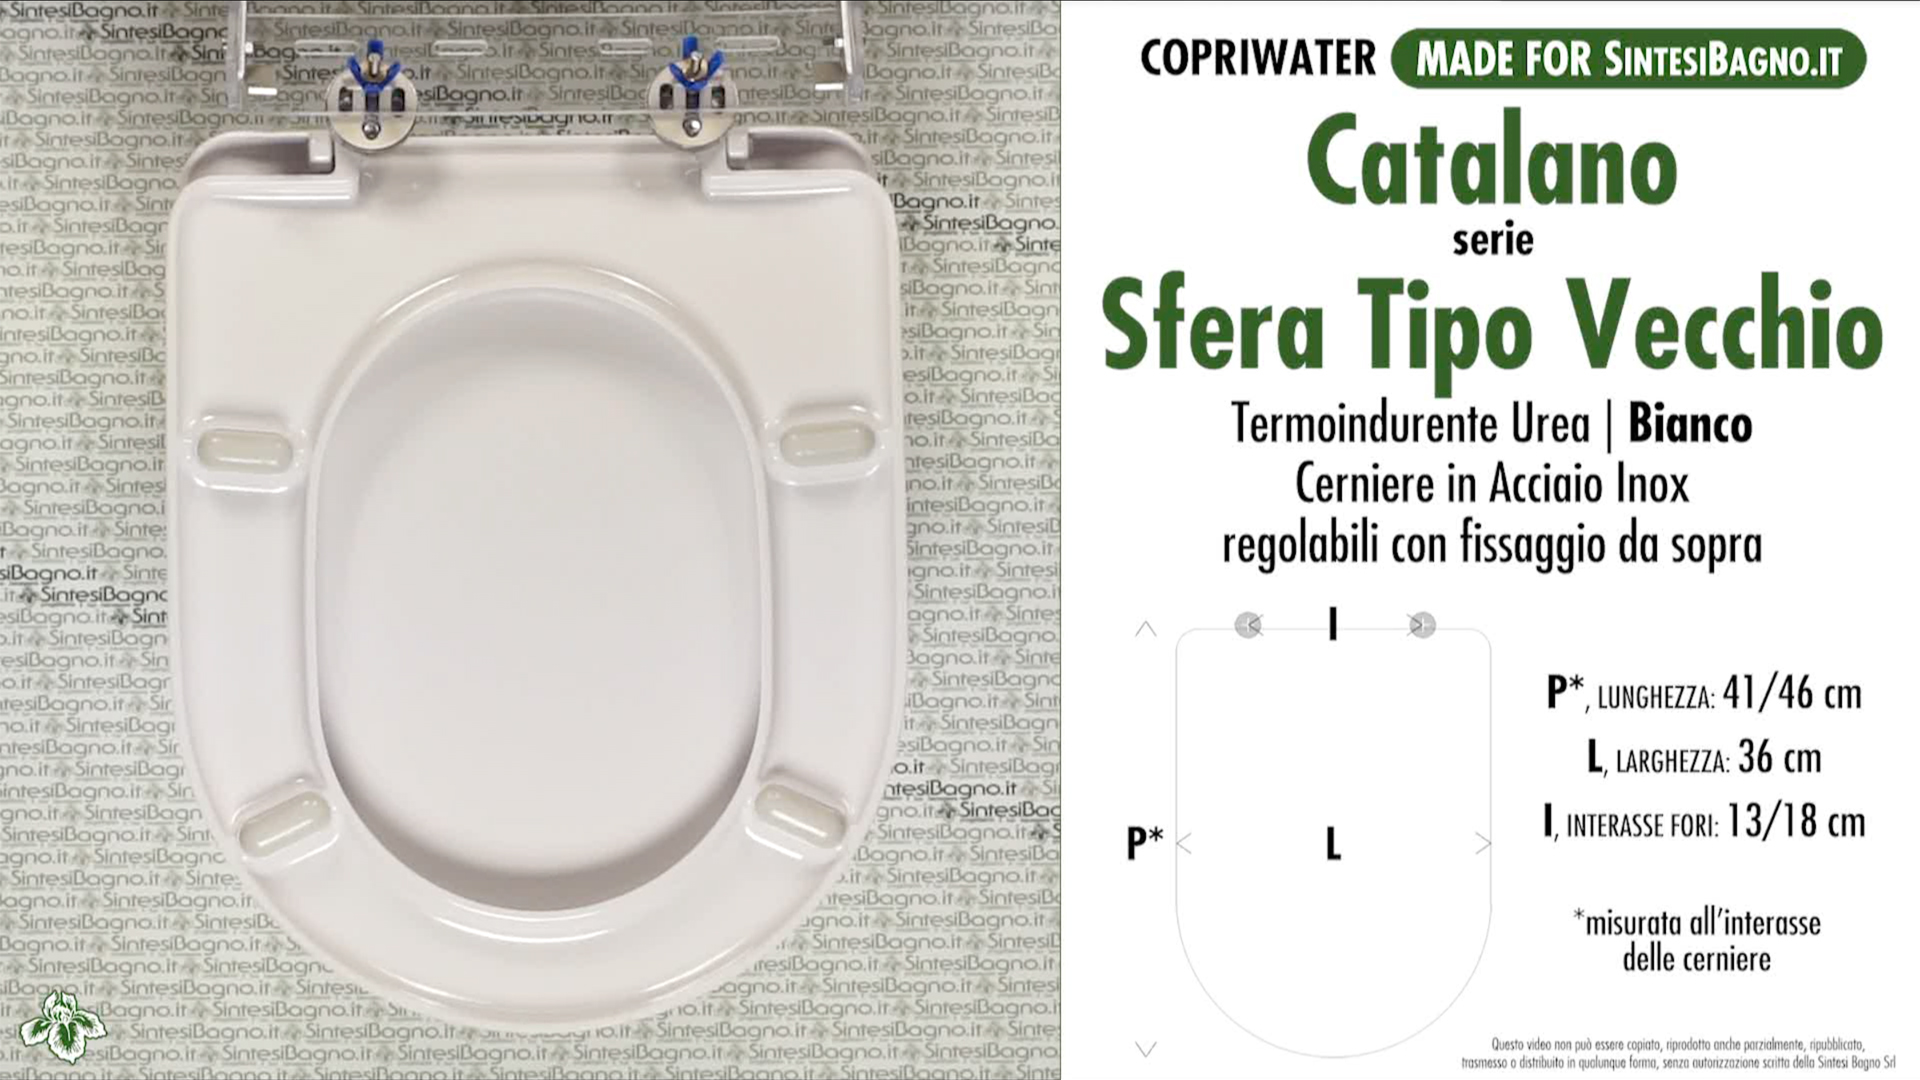 SCHEDA TECNICA MISURE copriwater CATALANO SFERA TIPO VECCHIO